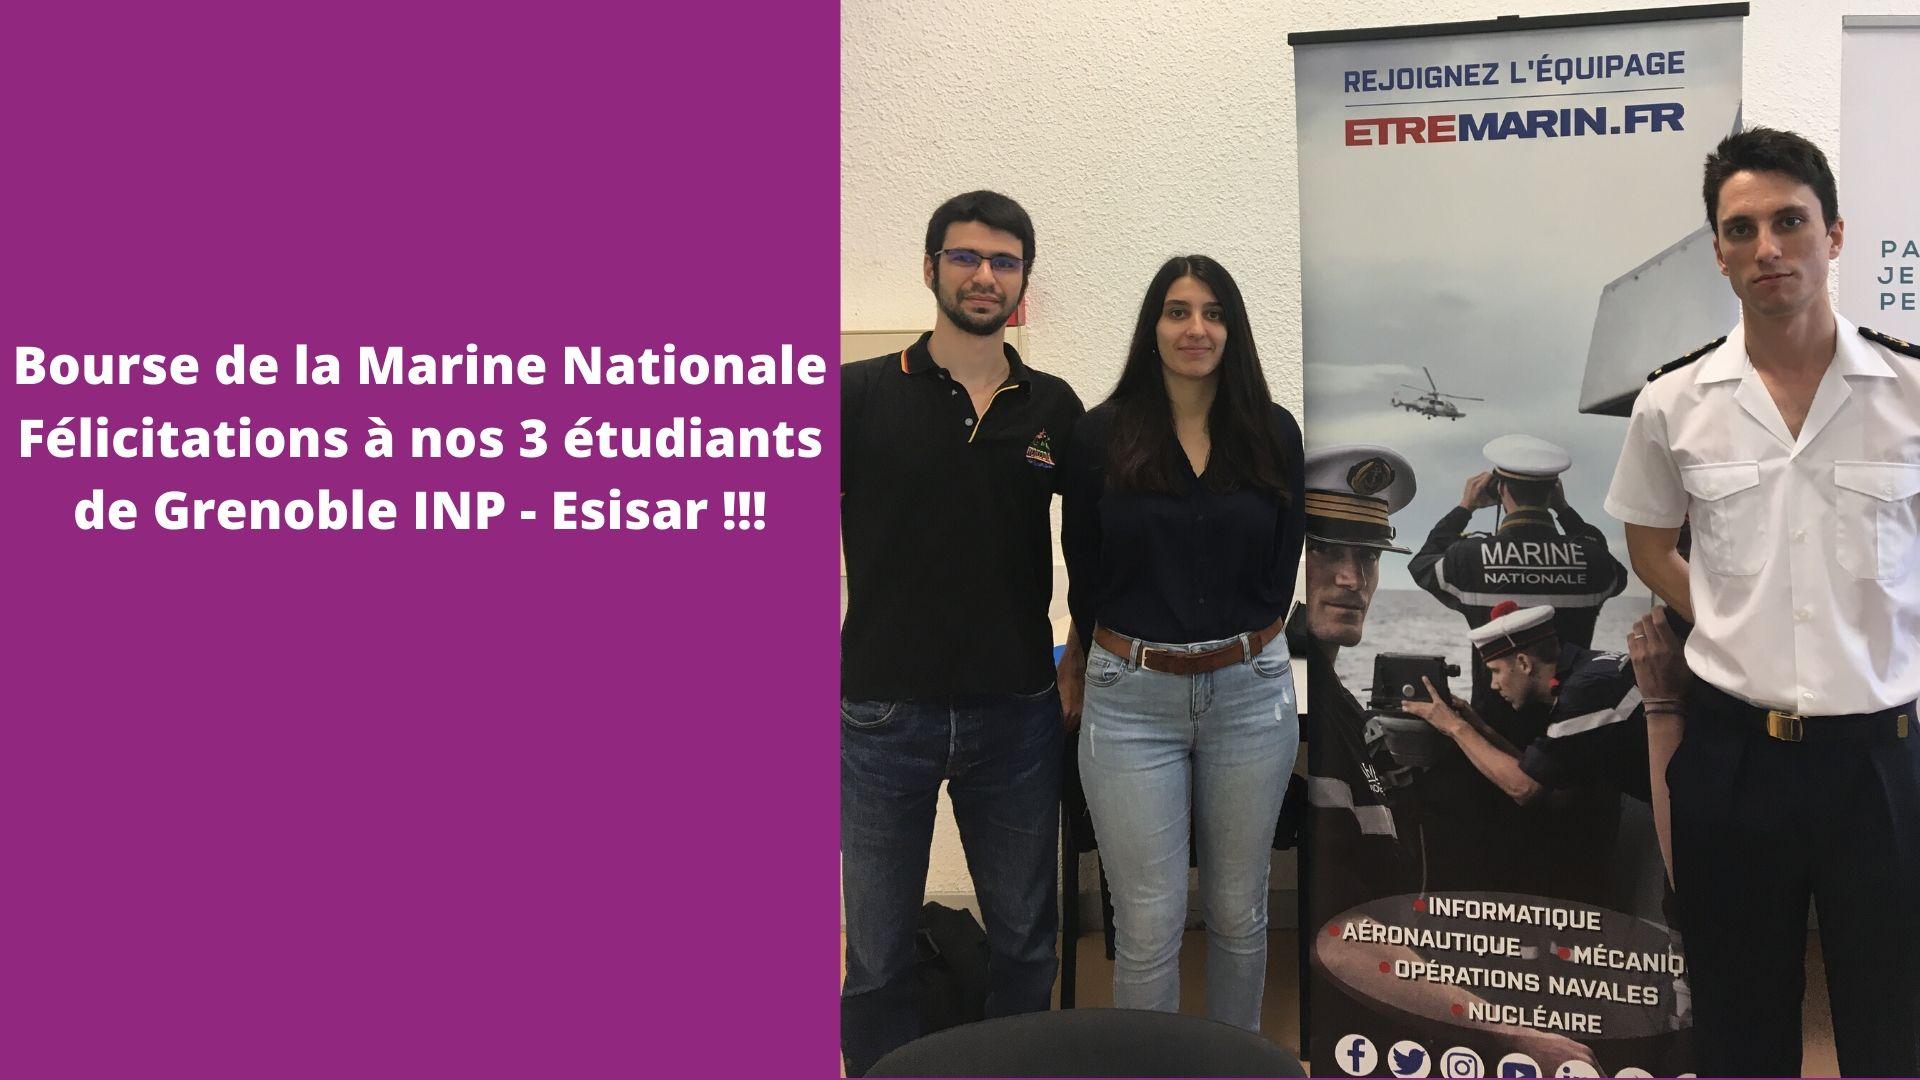 Bourse Marine Nationale